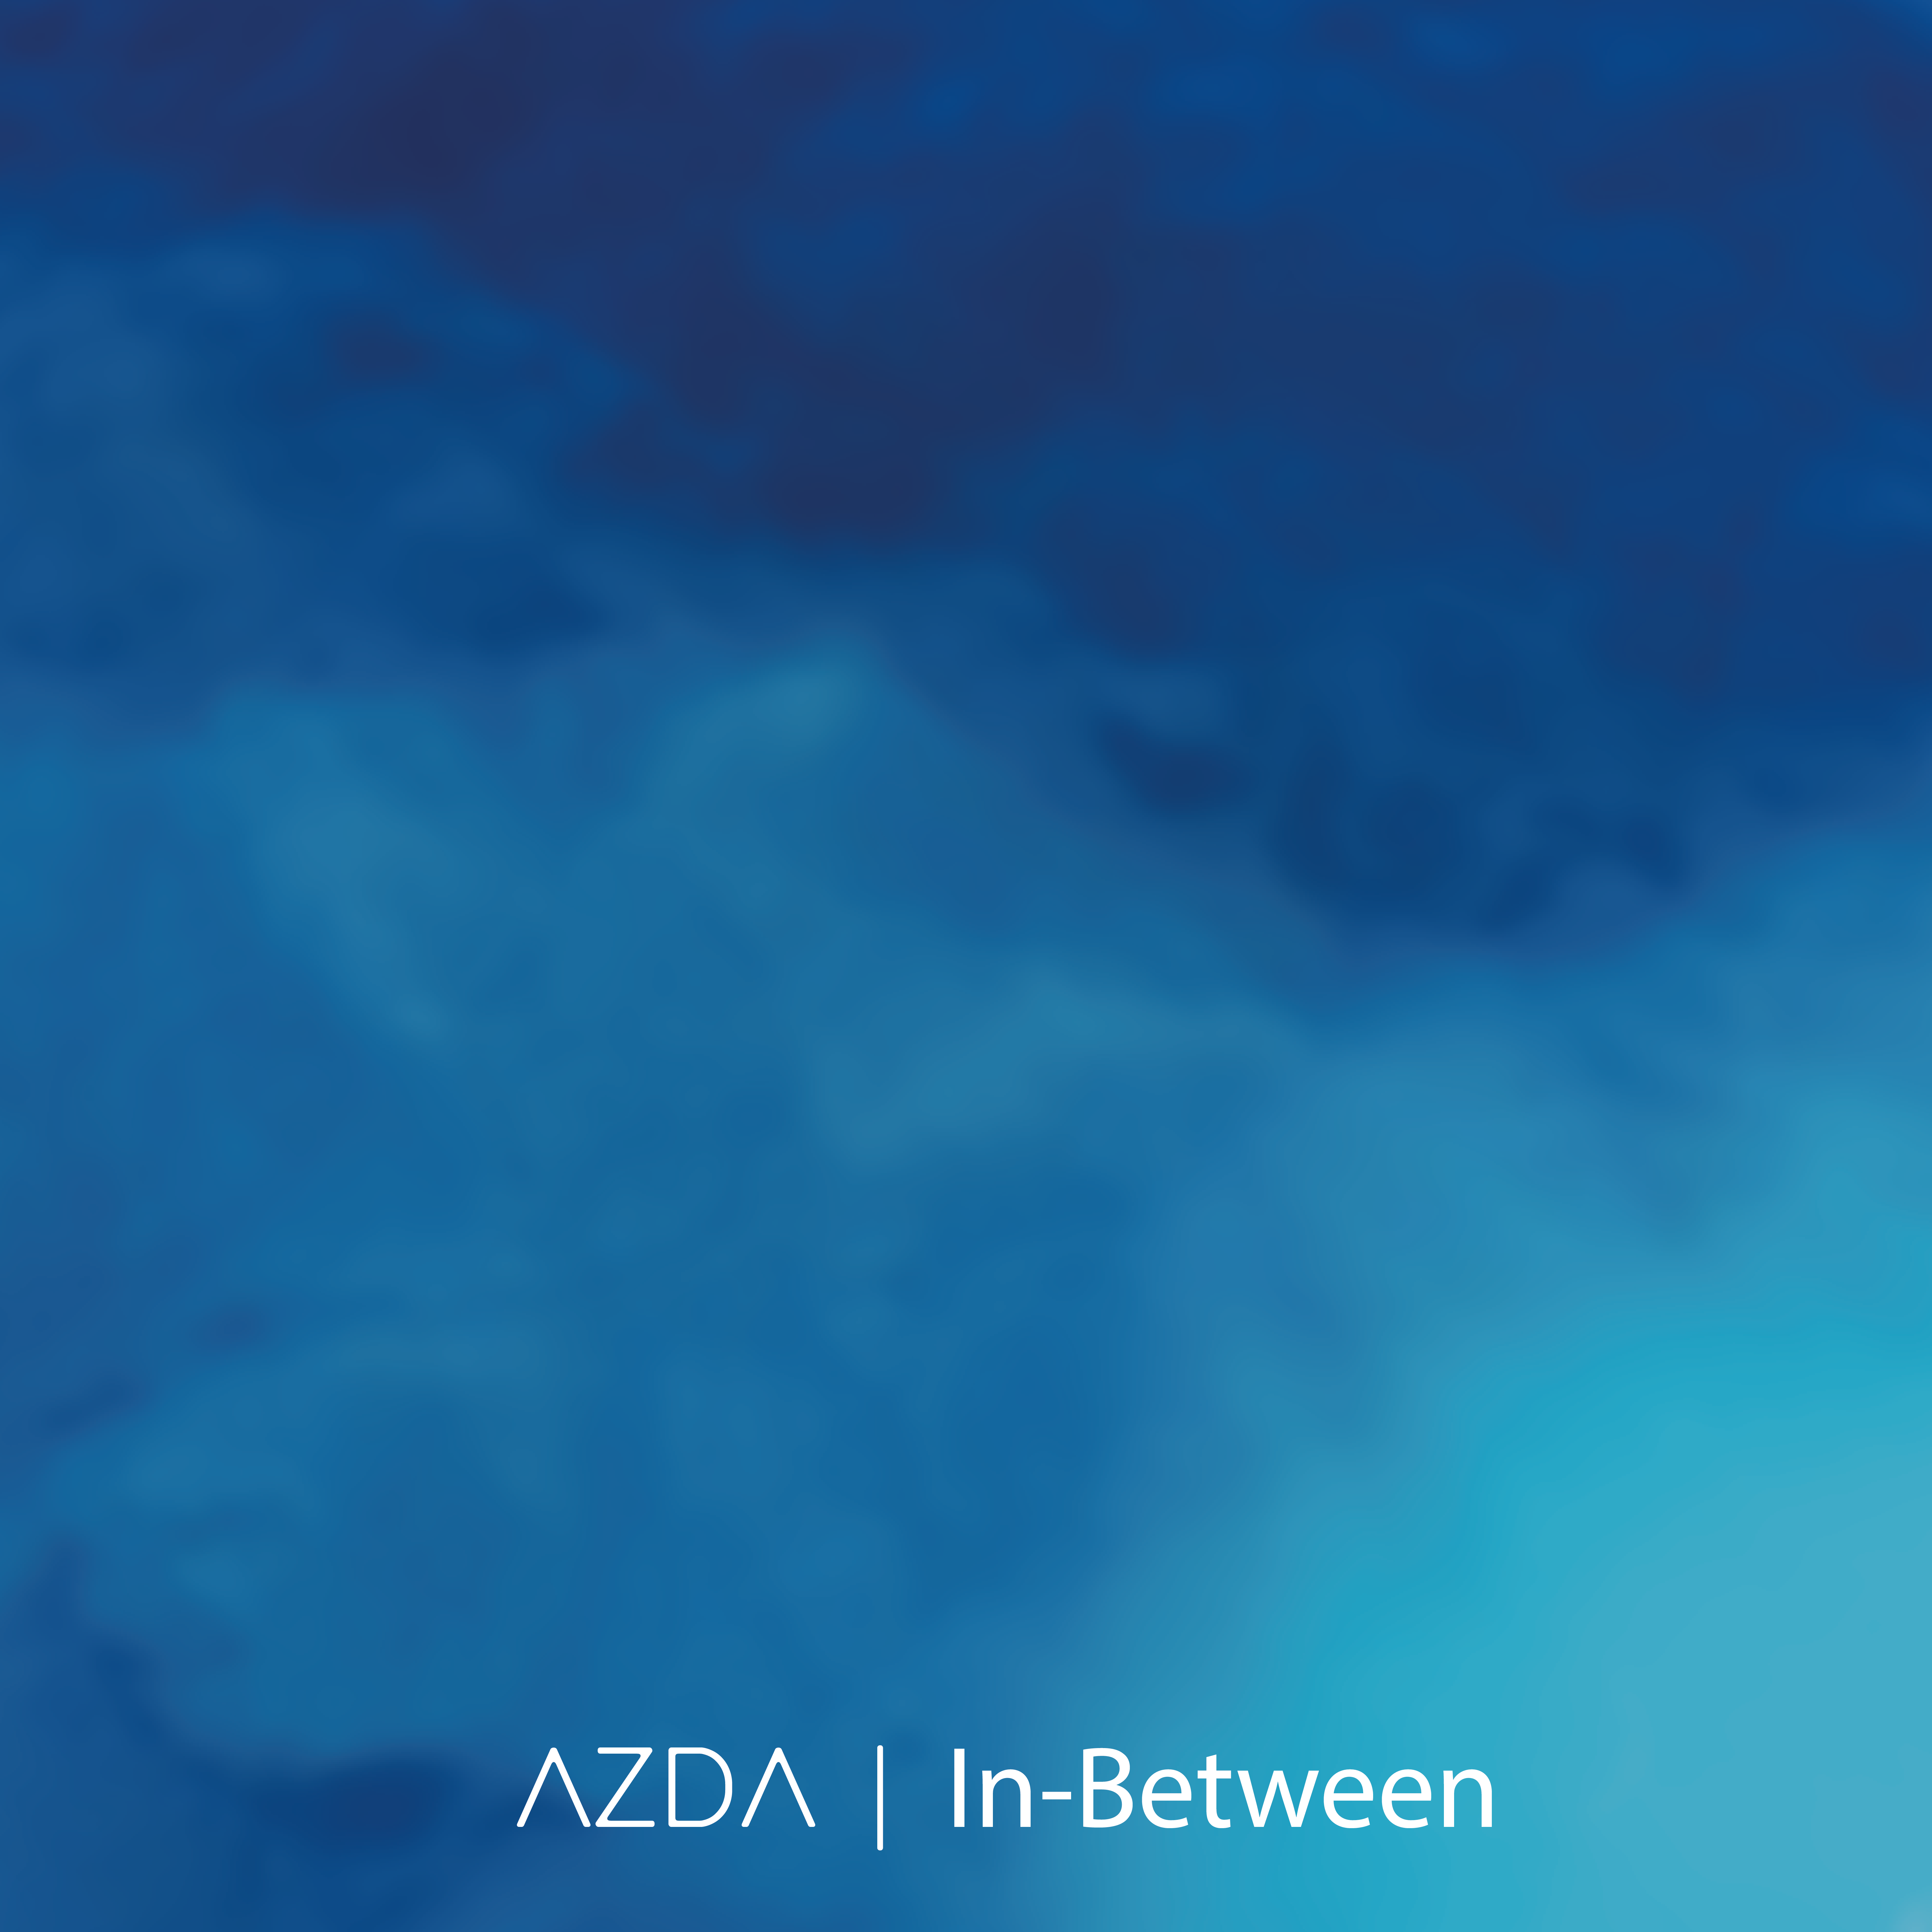 In-Between cover, blue ocean waves